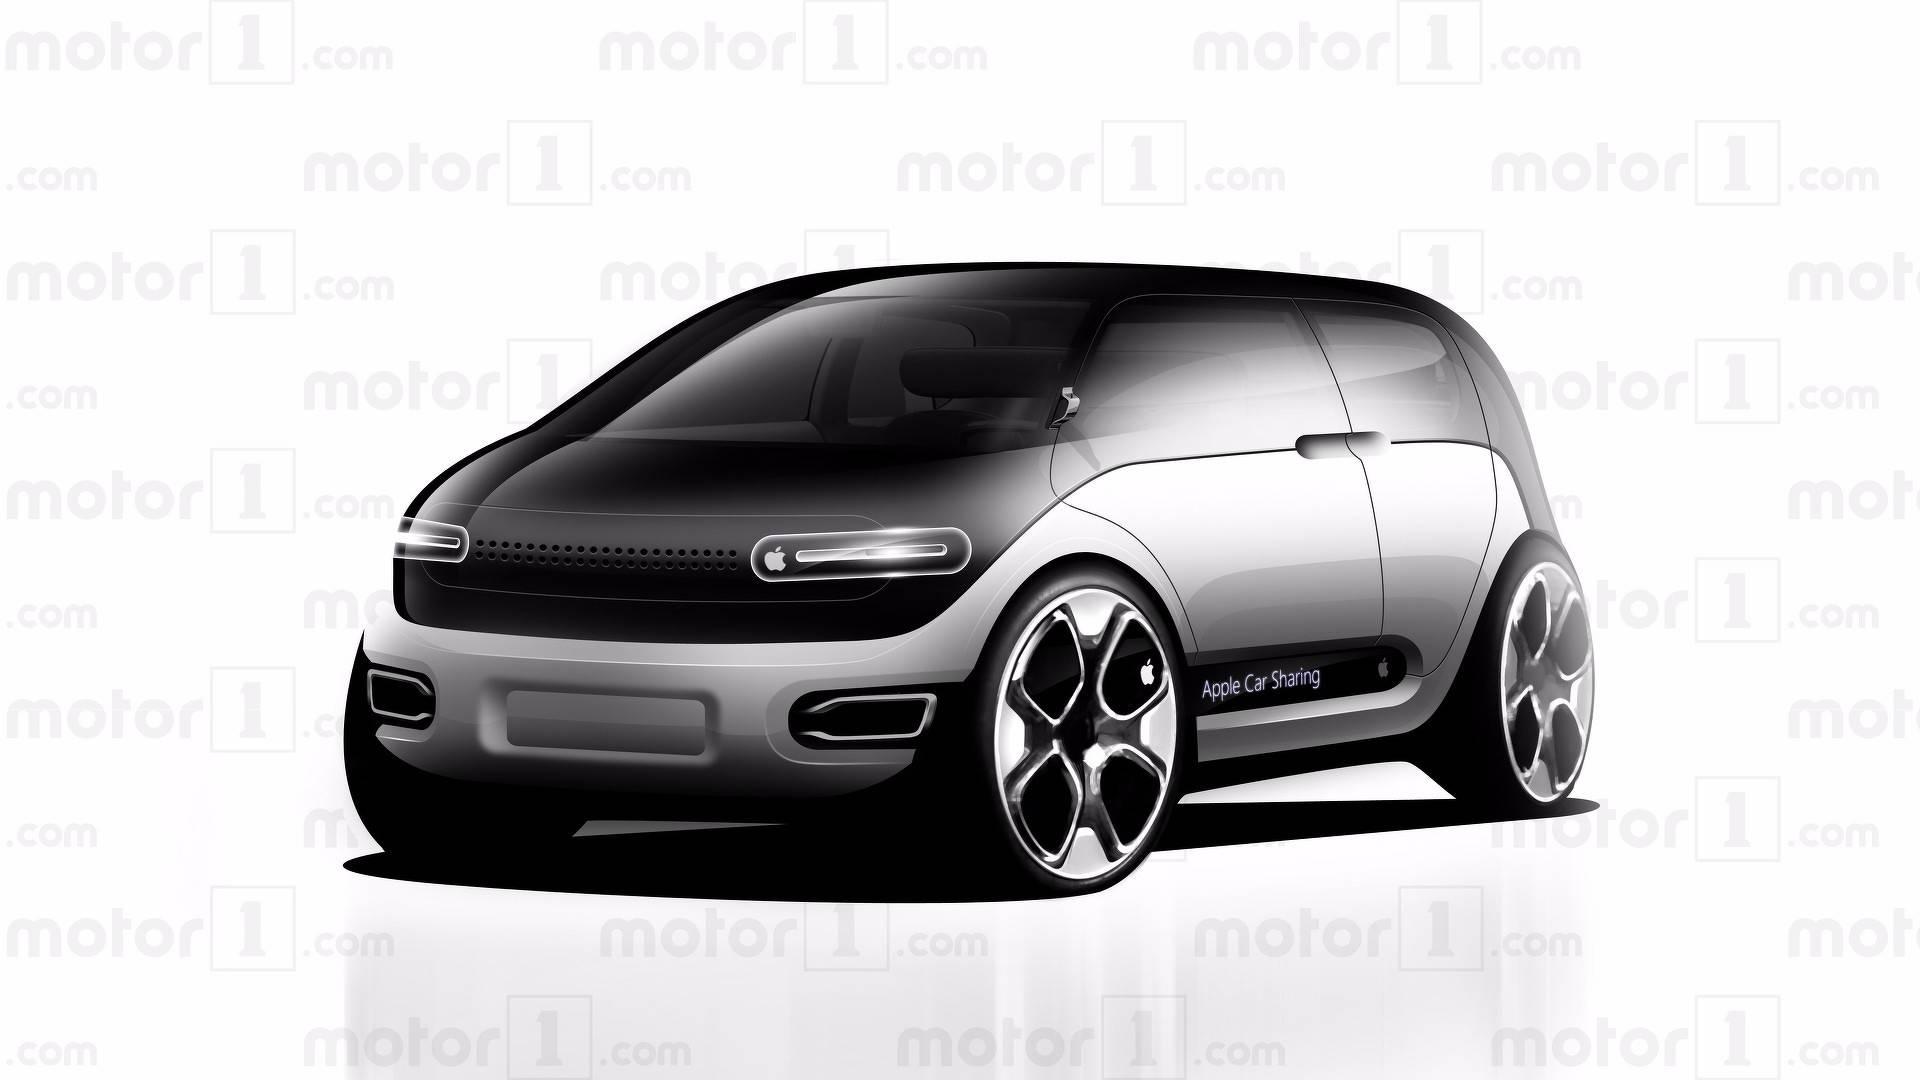 Hyundai может помочь с производством Apple Car: отчет